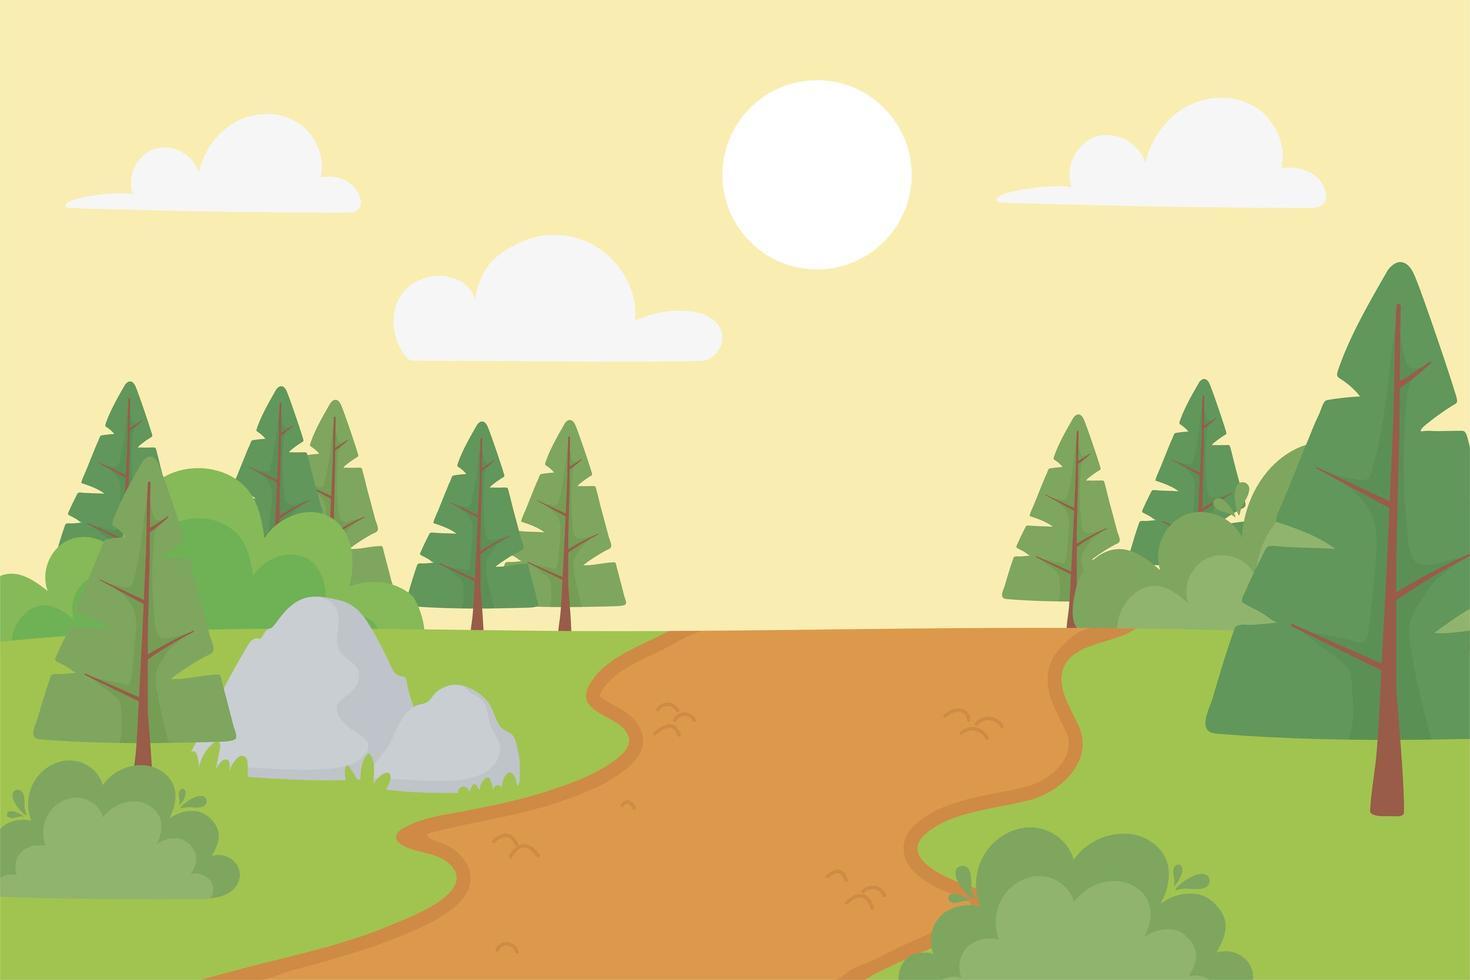 paisagem de pinheiros, caminho, pedras e arbustos vetor